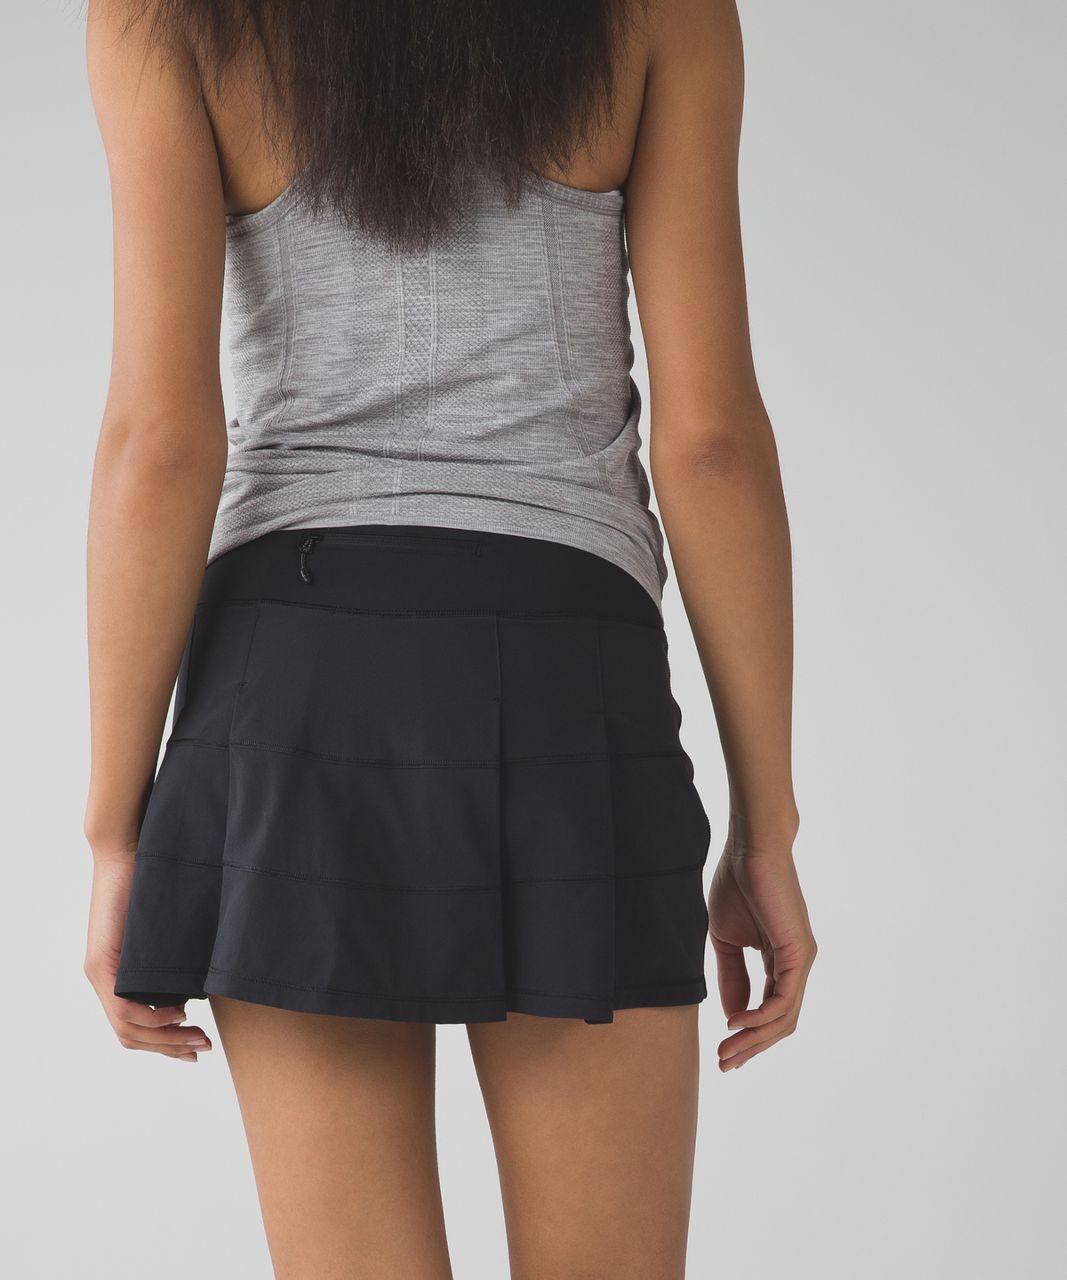 Lululemon Pace Rival Skirt II (Regular) - Black